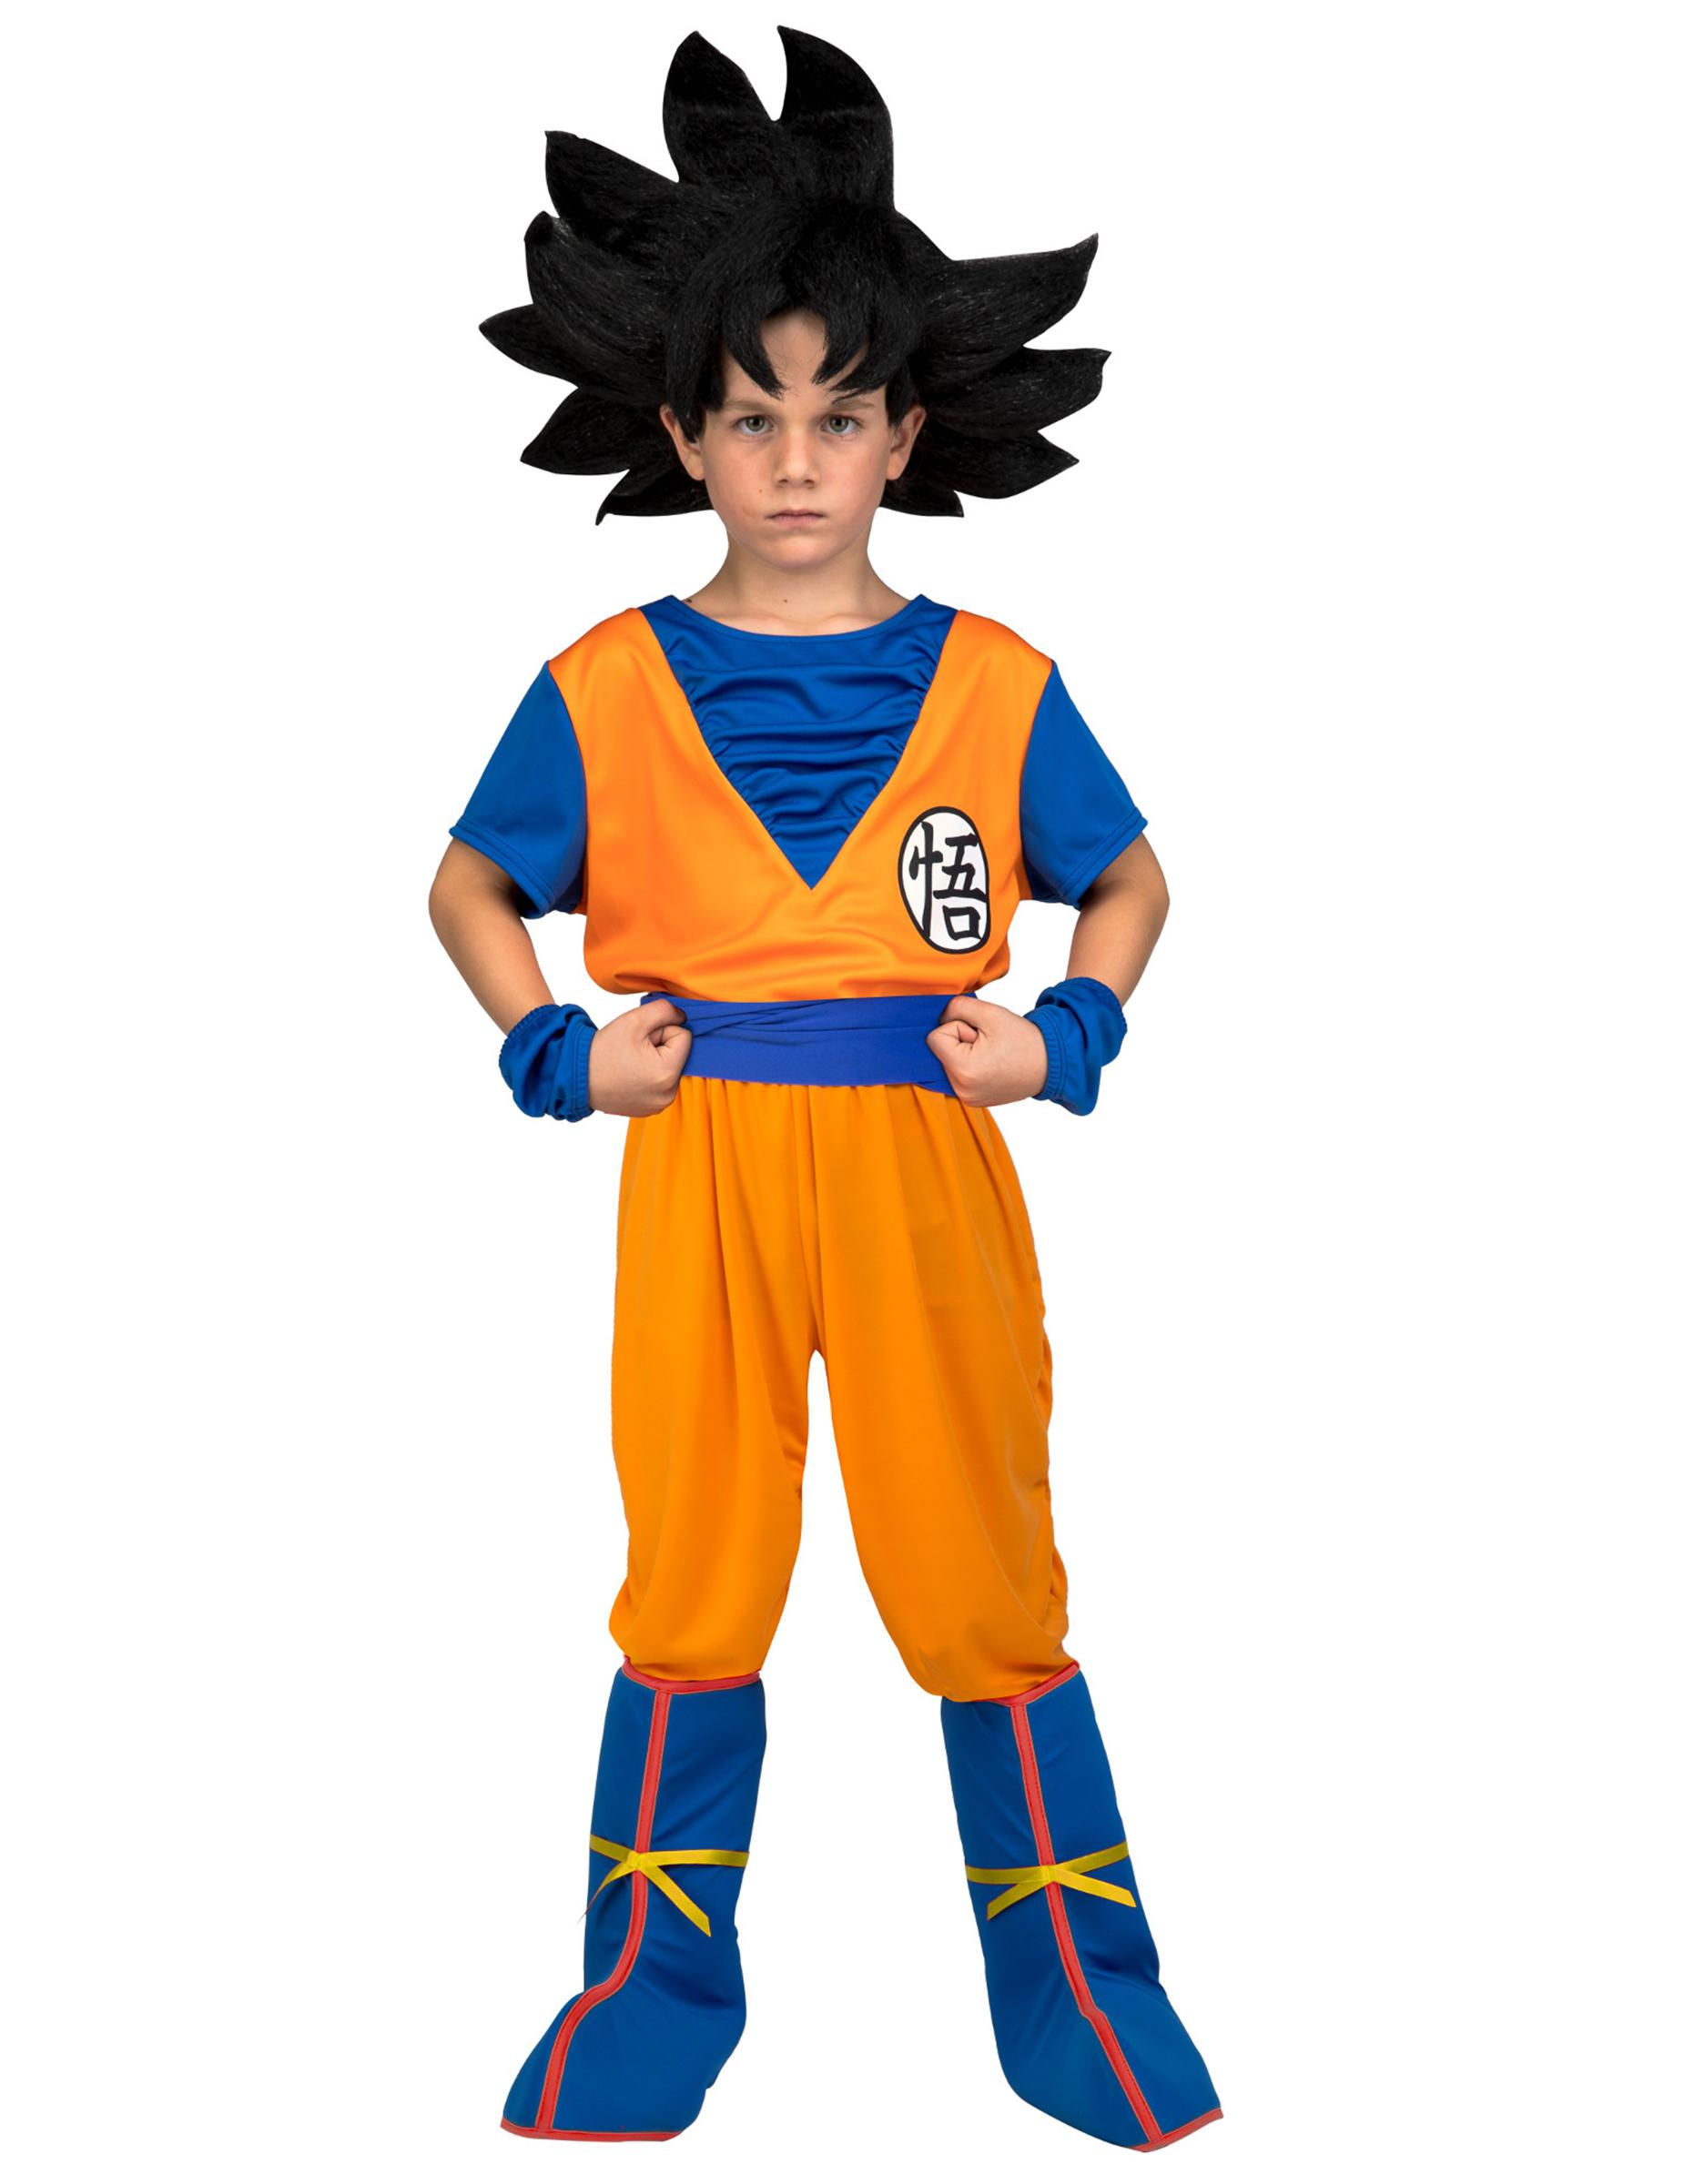 8279bfb6b4c75 Son Goku™-Kostüm für Kinder Dragon Ball™ im Geschenkkoffer orange-blau